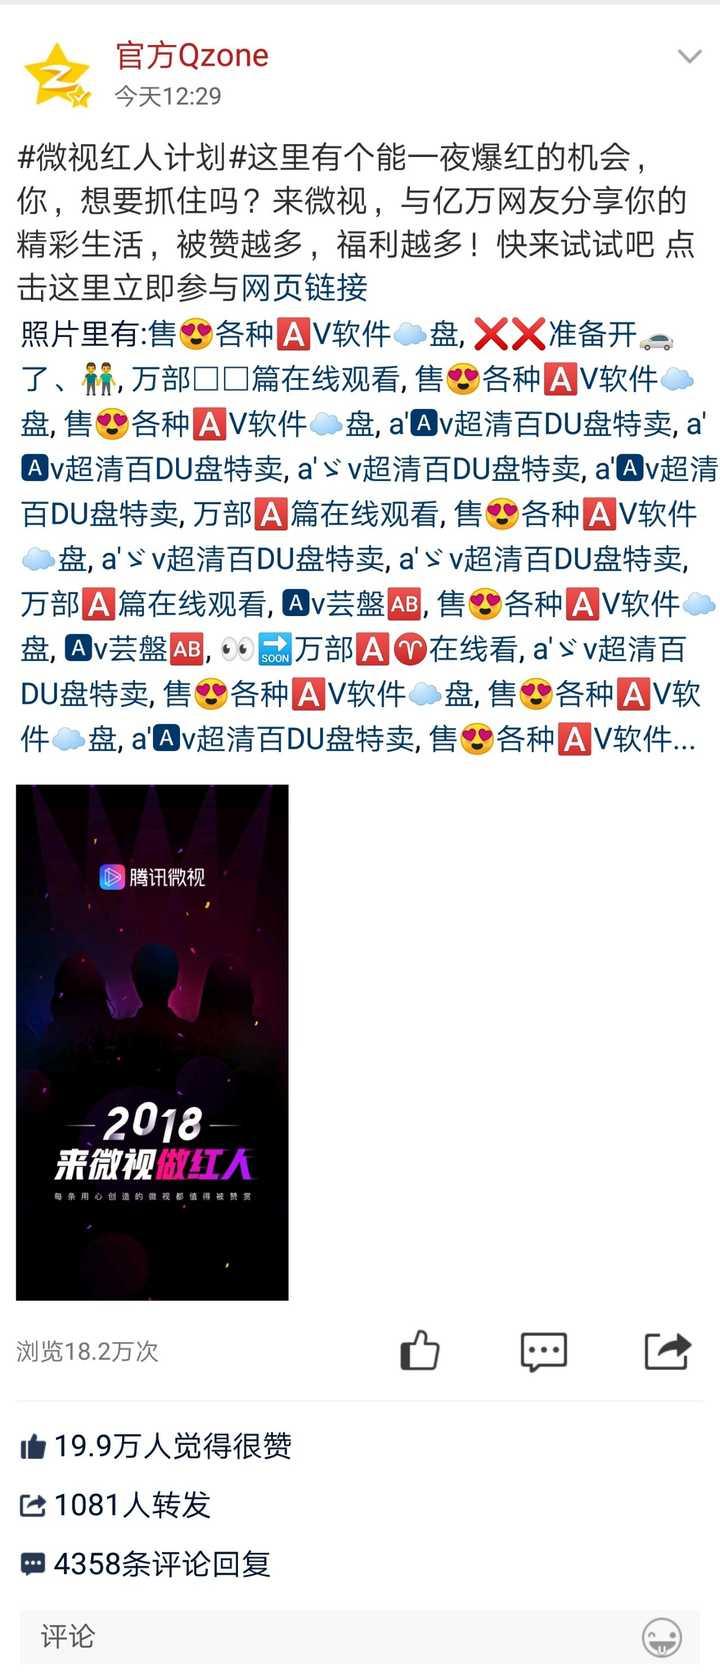 QQ空间官方账号推送含有黄色广告信息